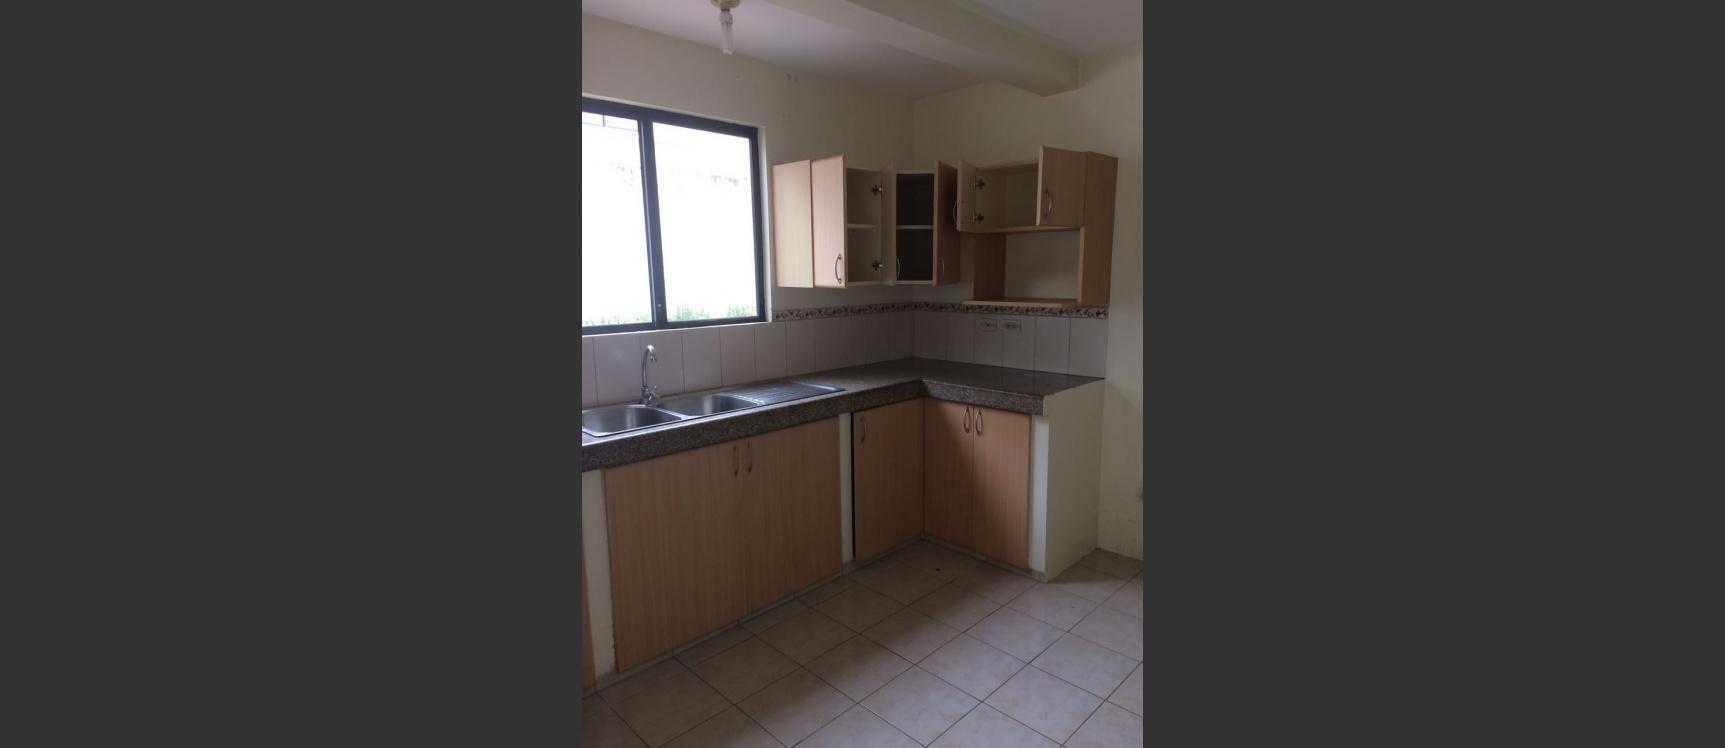 GeoBienes - Casa de Arriendo en Ciudad Celeste, Etapa Serena - Samborondon  - Plusvalia Guayaquil Casas de venta y alquiler Inmobiliaria Ecuador